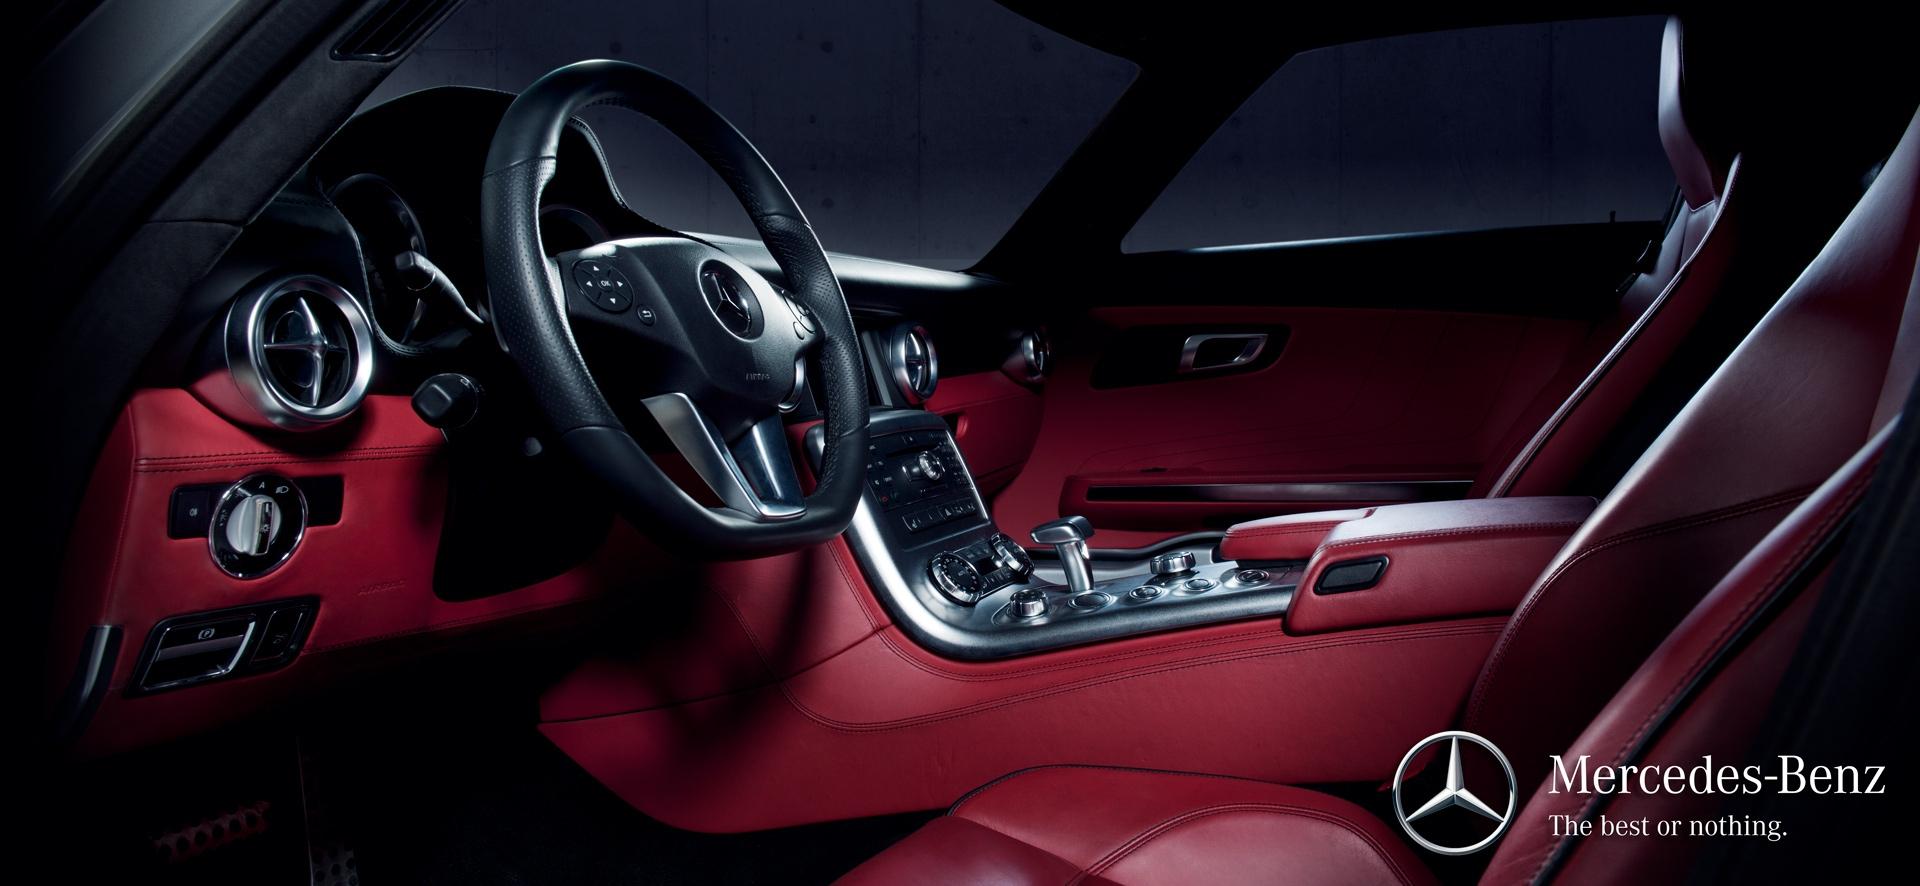 frederic mercier fashion photographer one color publicite packshot automobile voiture supercar mercedes sls amg